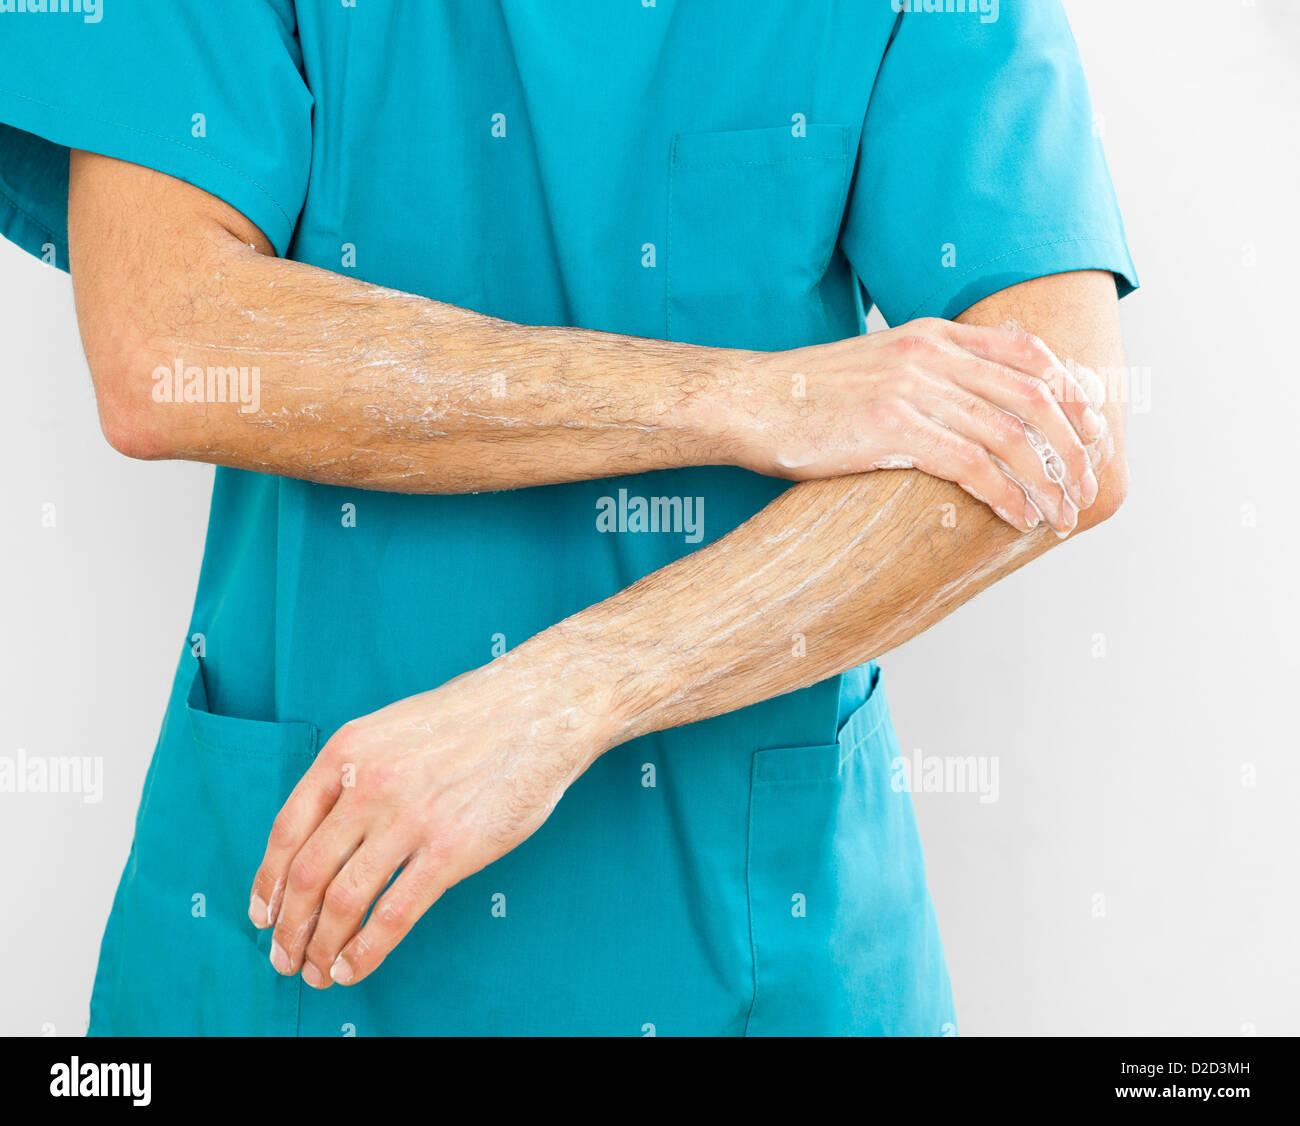 Parution du modèle jusqu'à récurer avant chirurgie Photo Stock